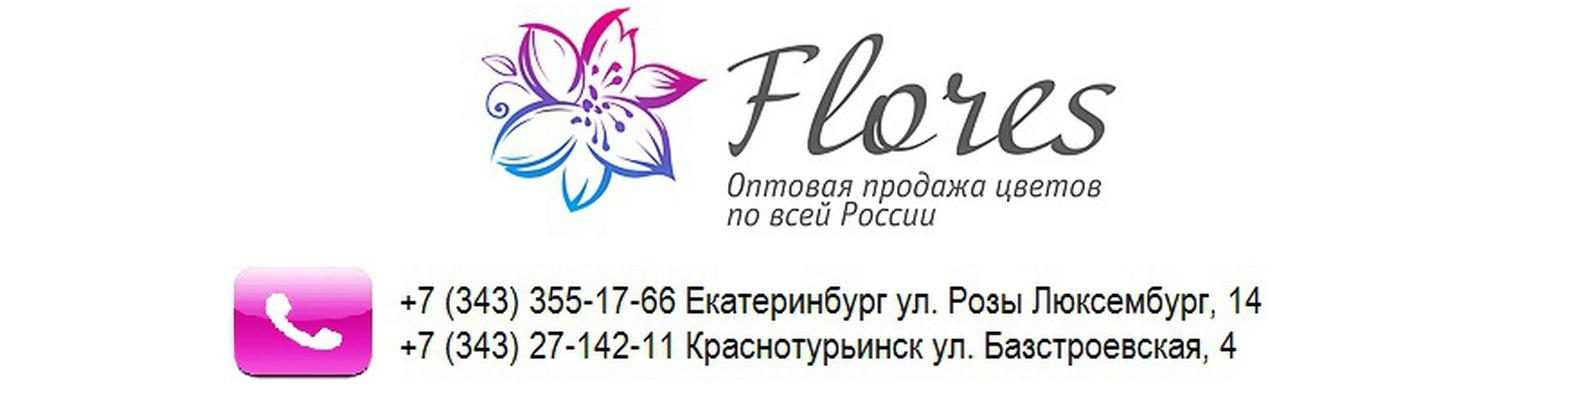 optovie-bazi-po-prodazhe-tsvetov-v-ekaterinburge